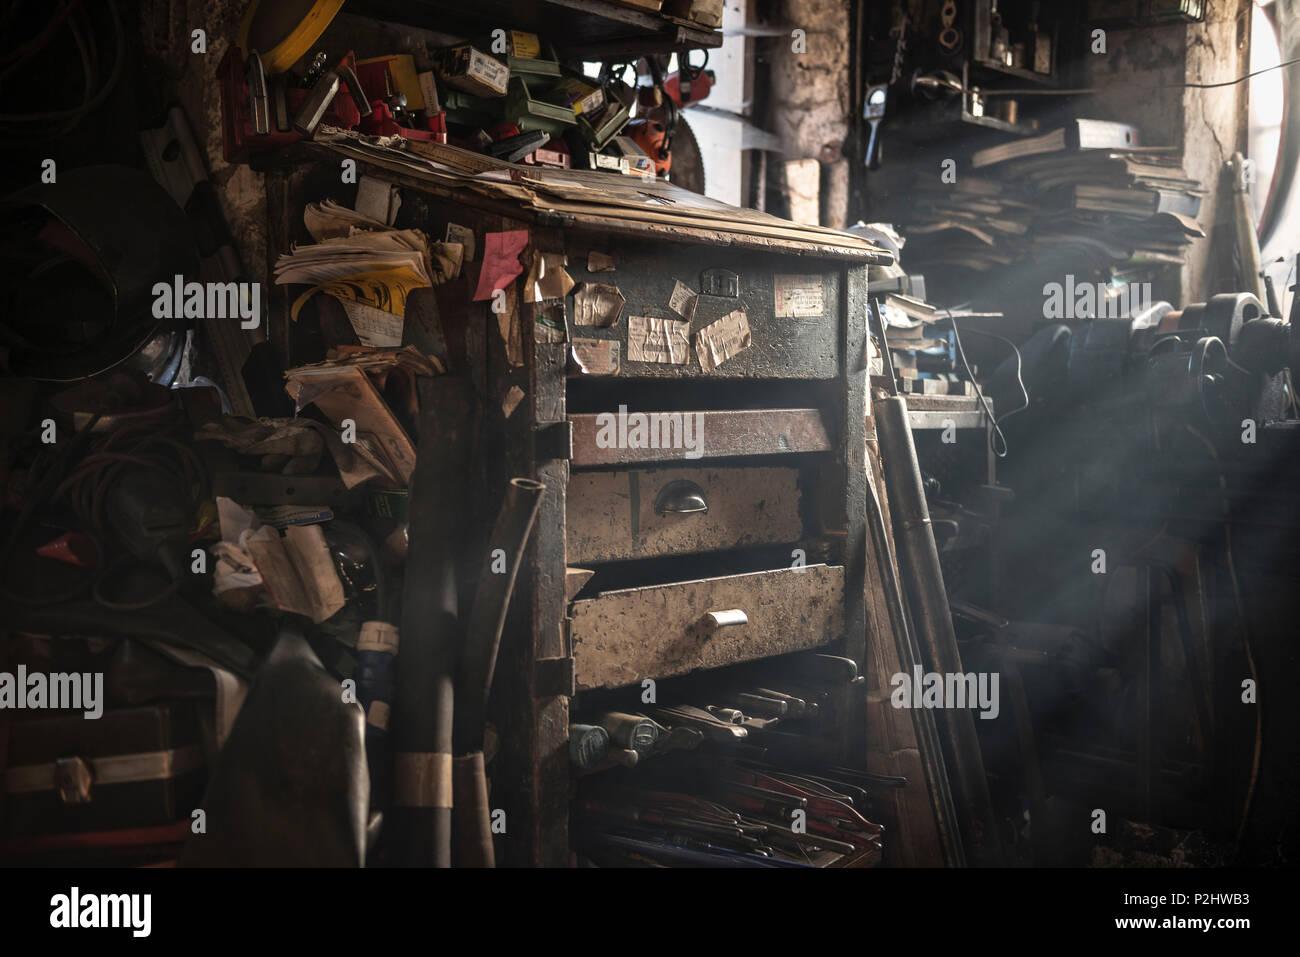 Calda luce che splende attraverso la finestra di un caotico fabbri workshop, Vellberg, Schwaebisch Hall, Baden-Wuerttemberg, Germania Immagini Stock